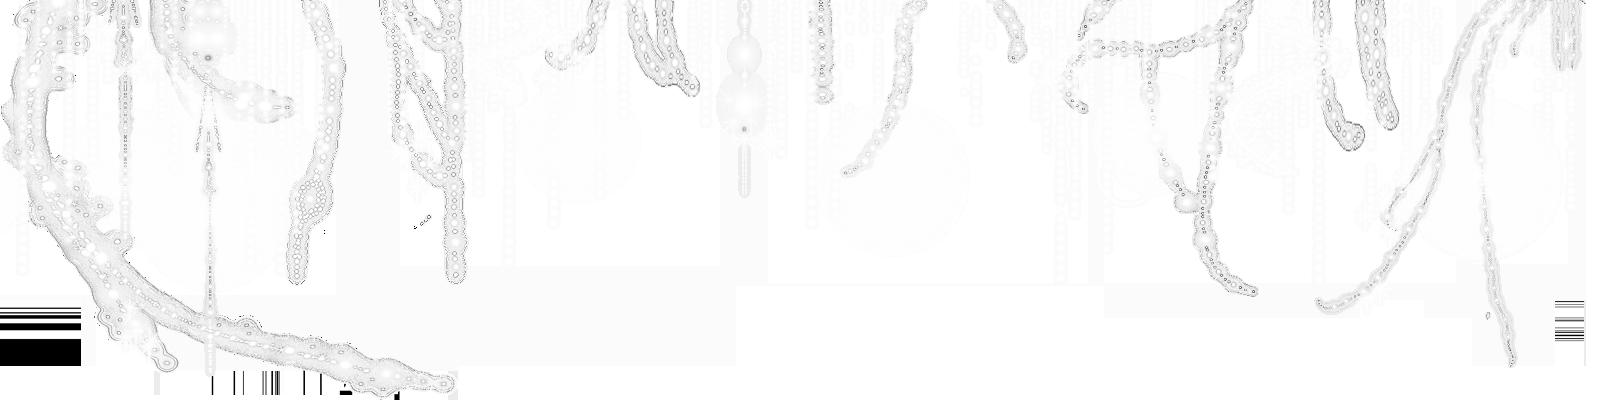 sticker_49261918_128